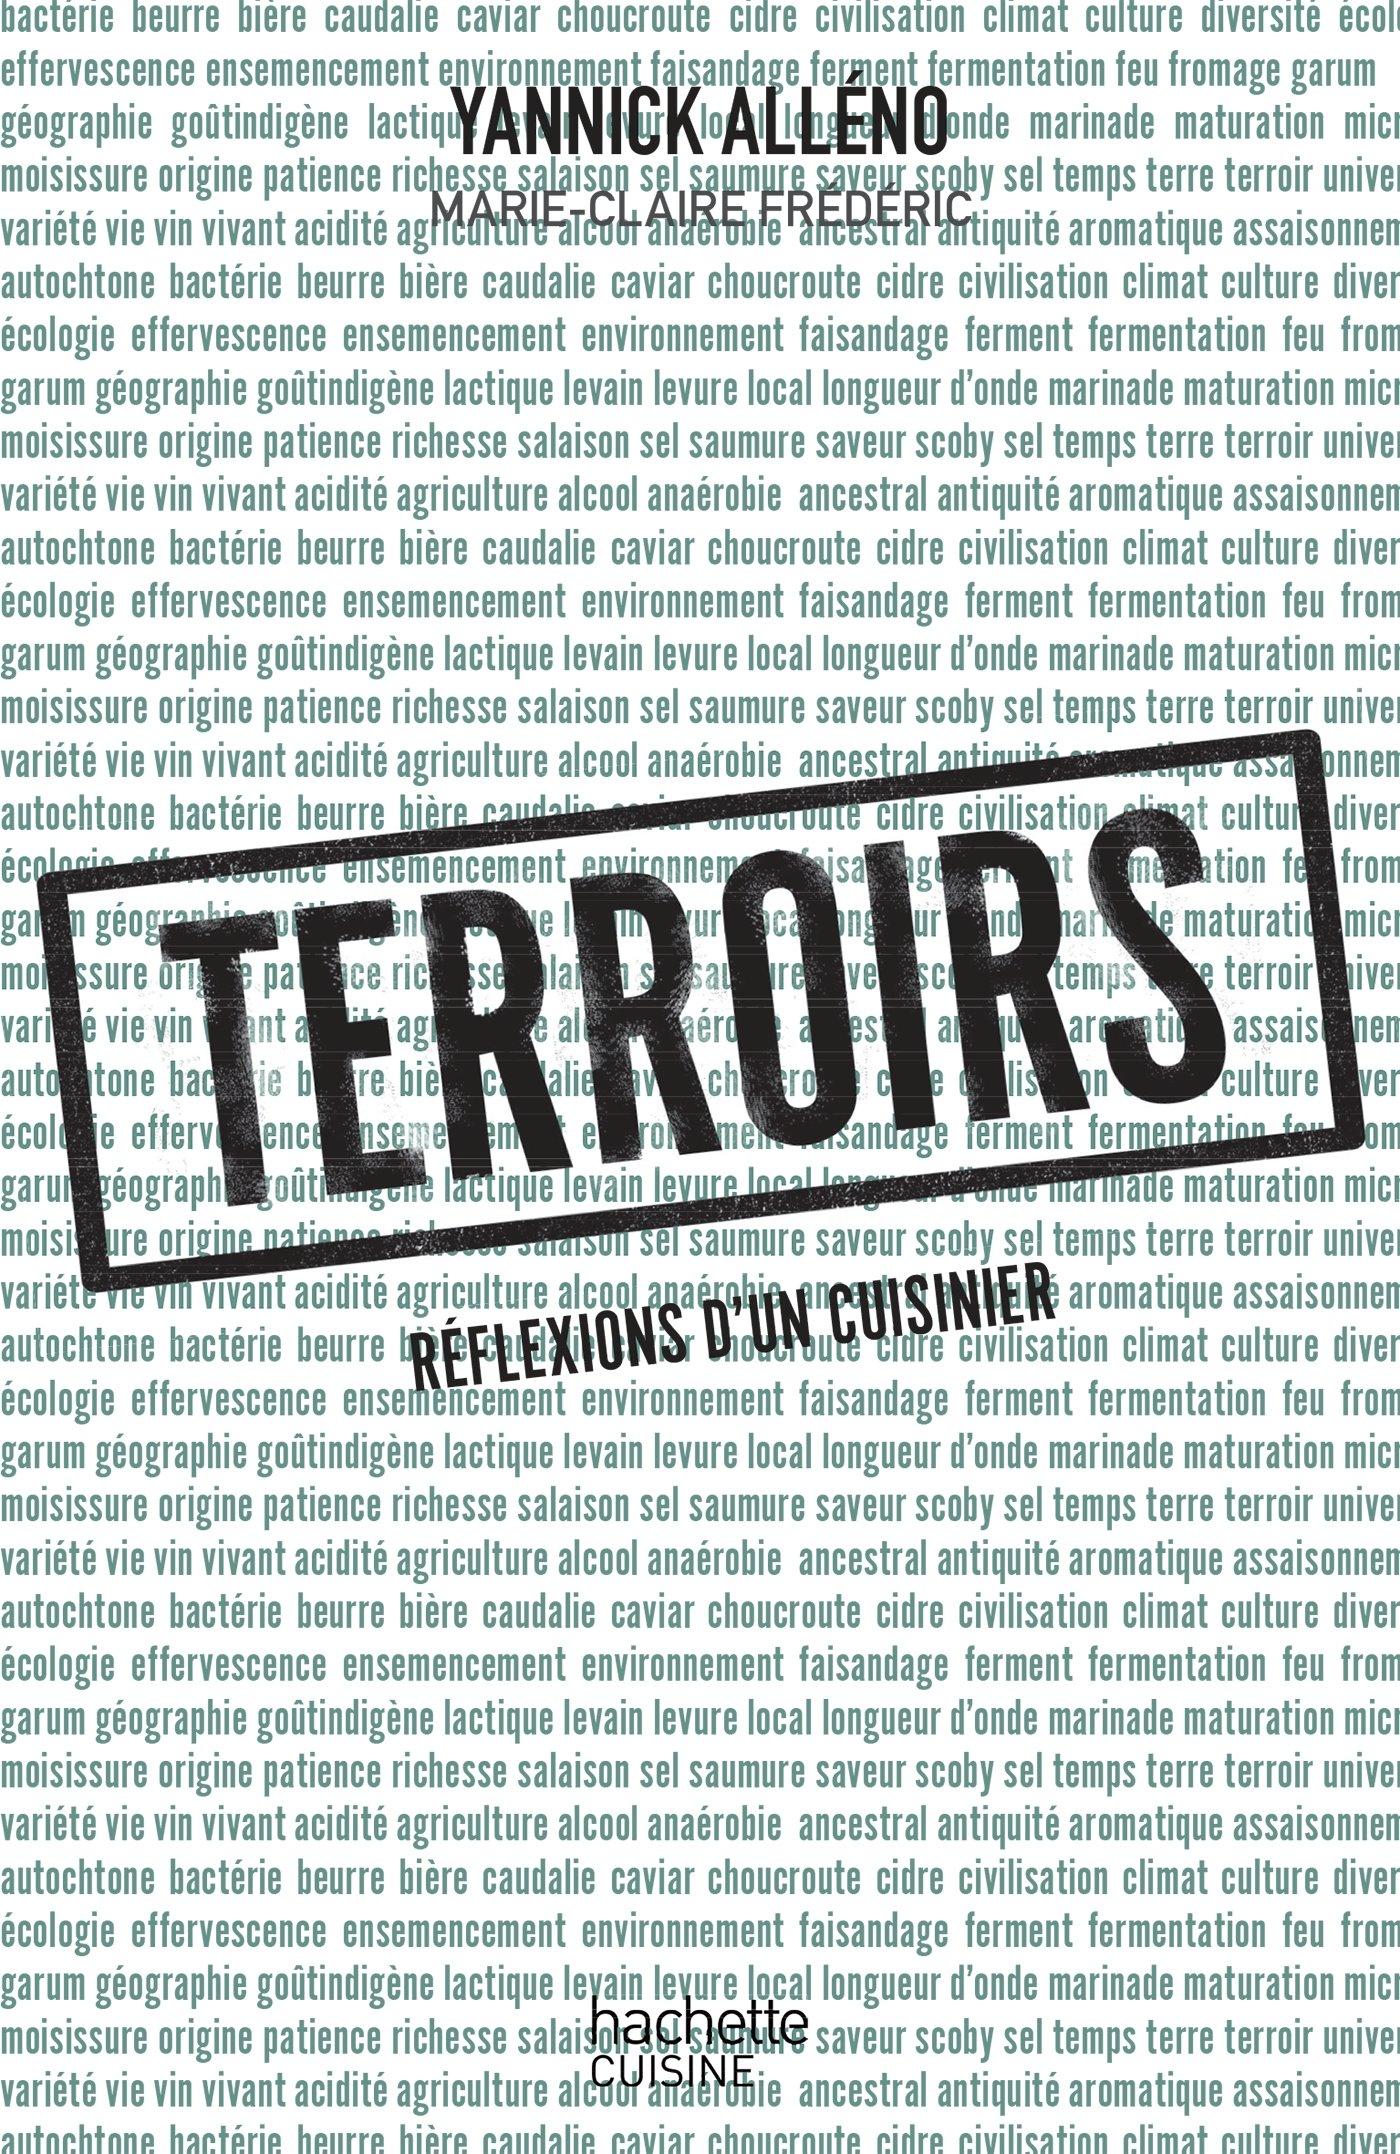 Terroirs Reflexions D Un Cuisinier Prix Des Chefs